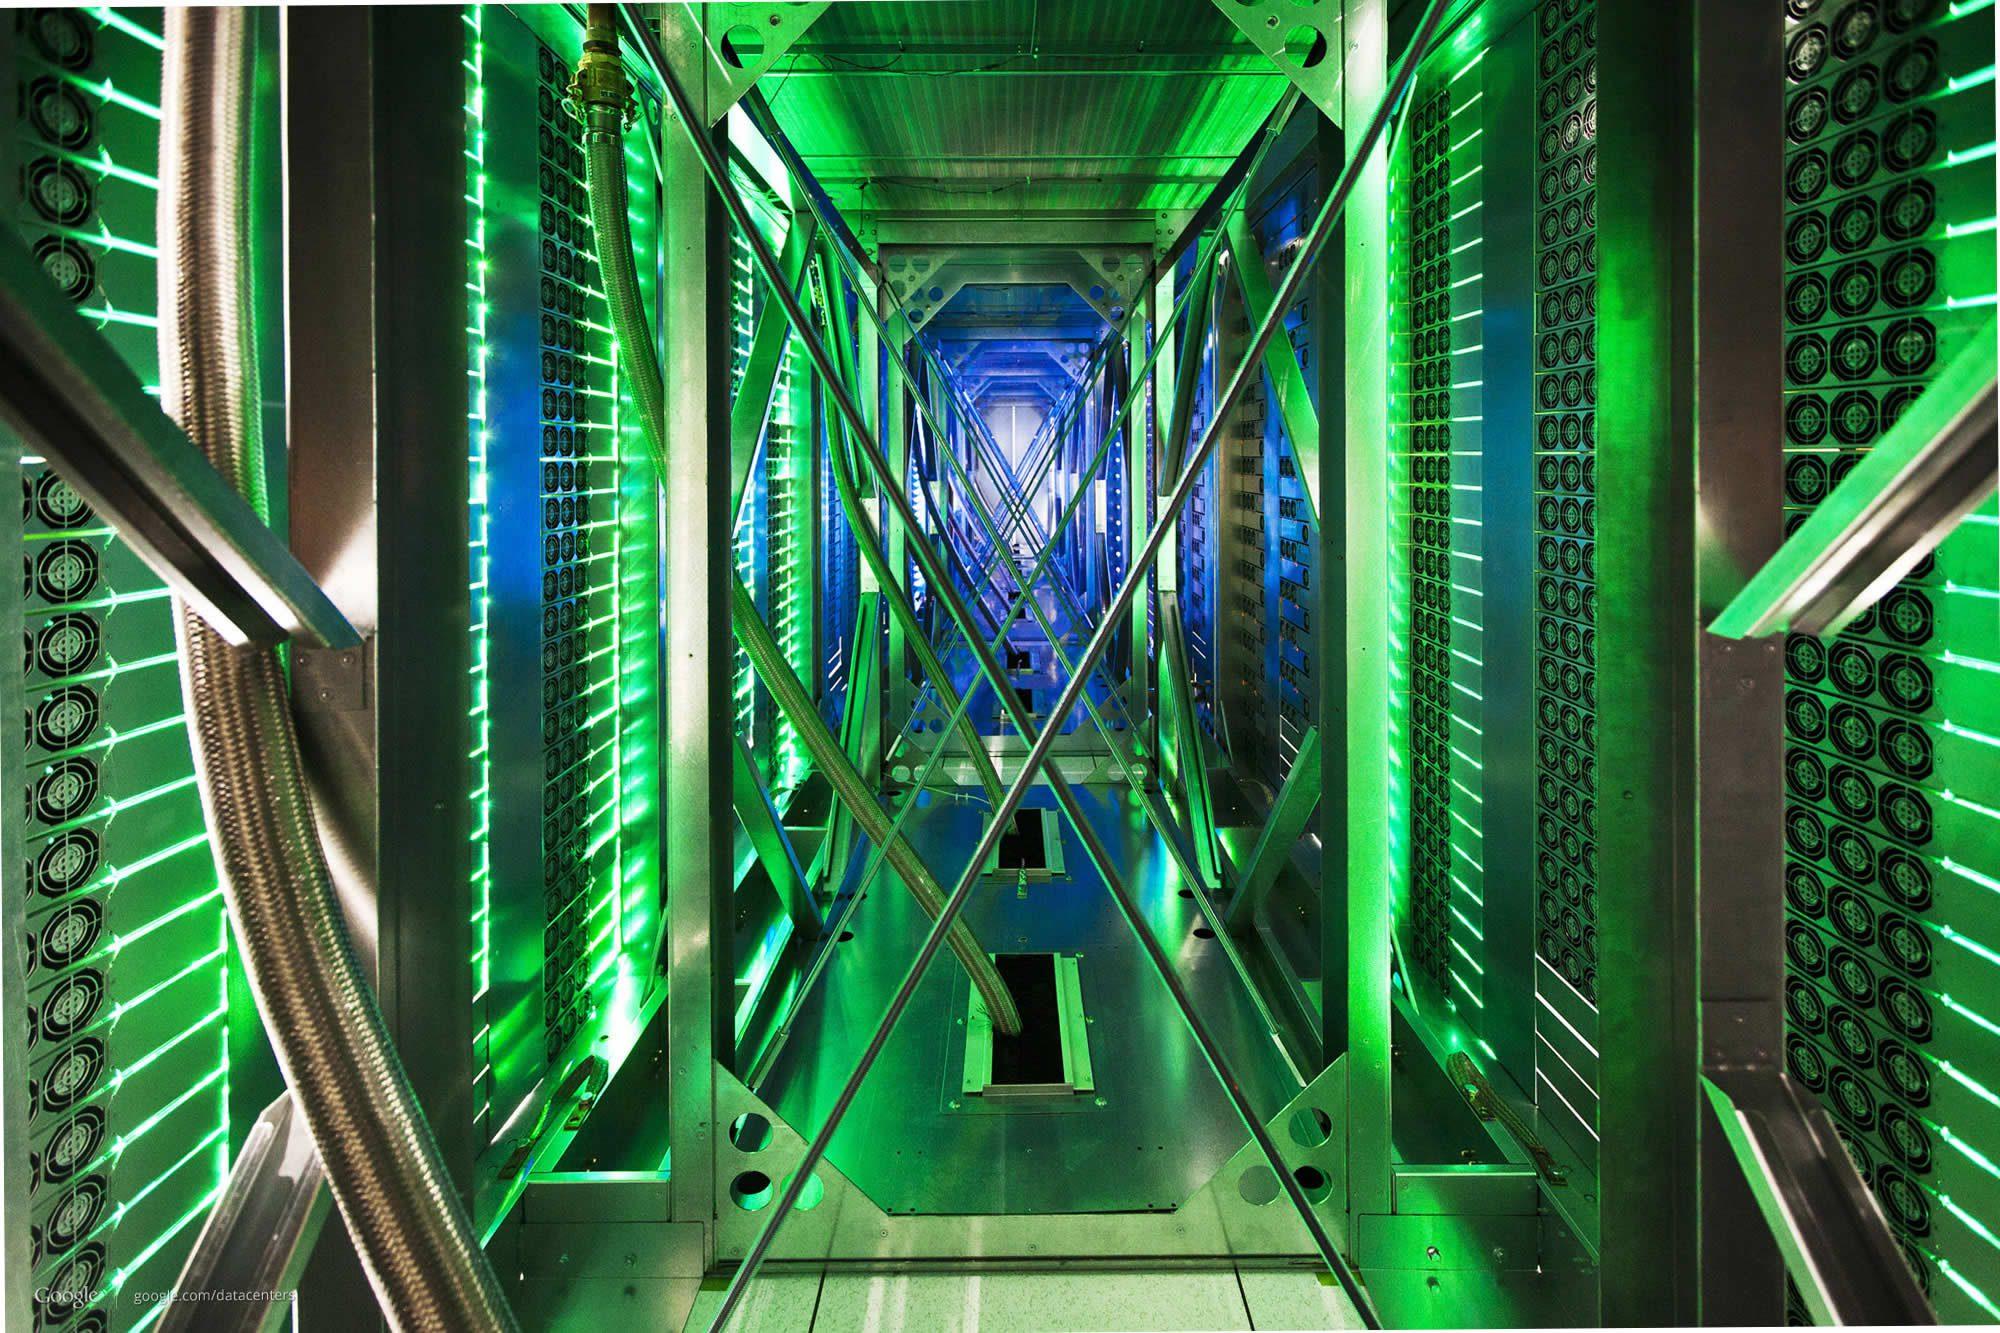 google data center green led